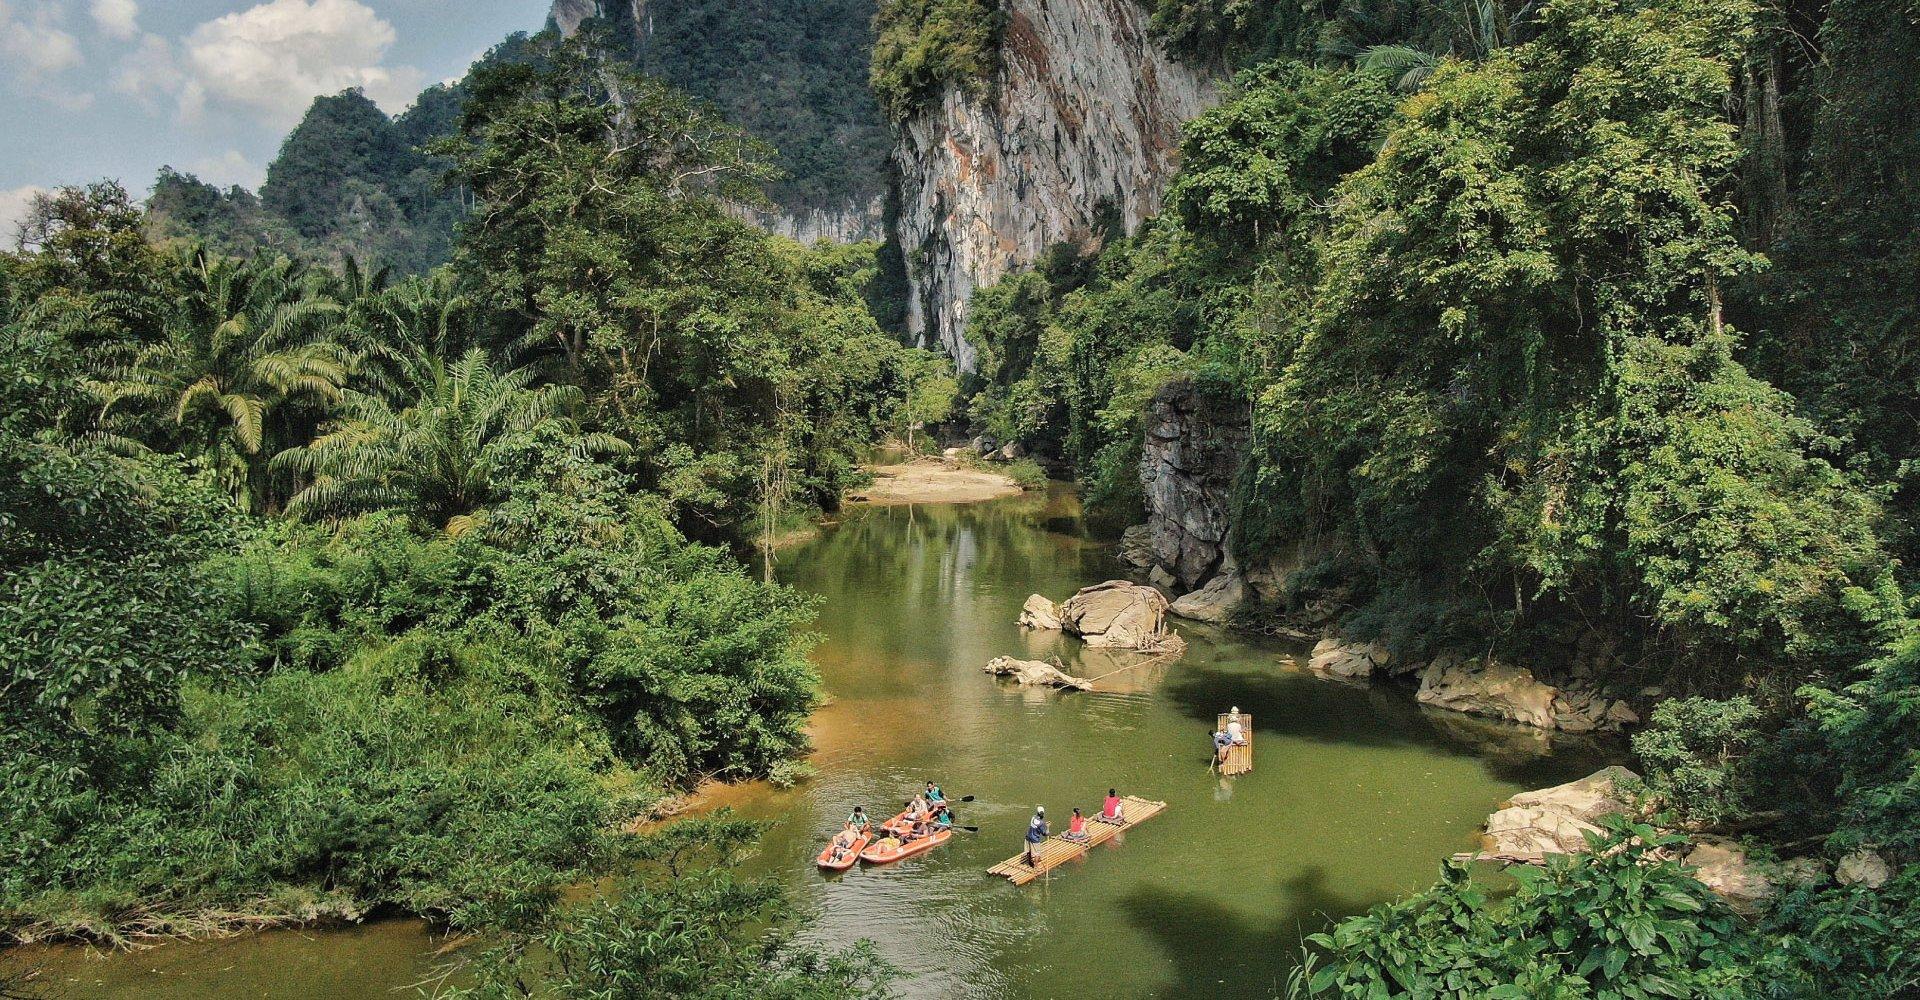 Khao Sok River by Canoe